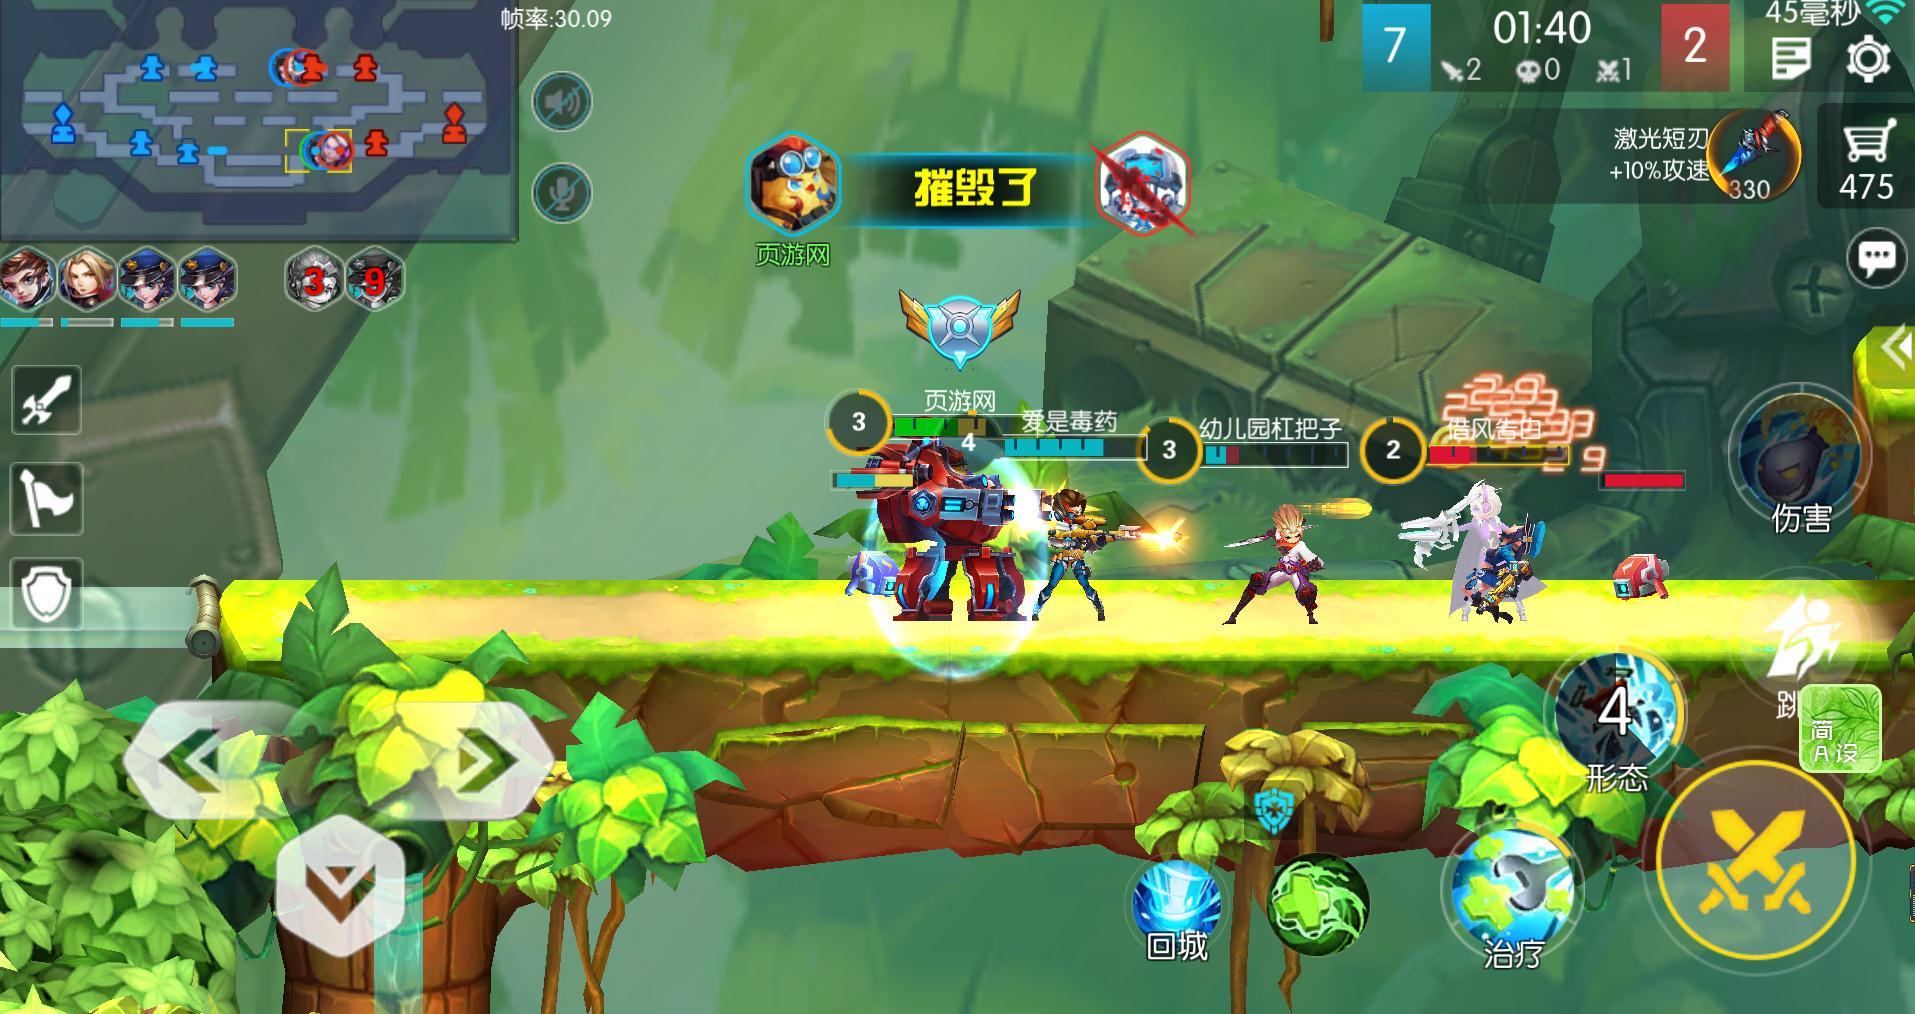 《超能战队》游戏截图